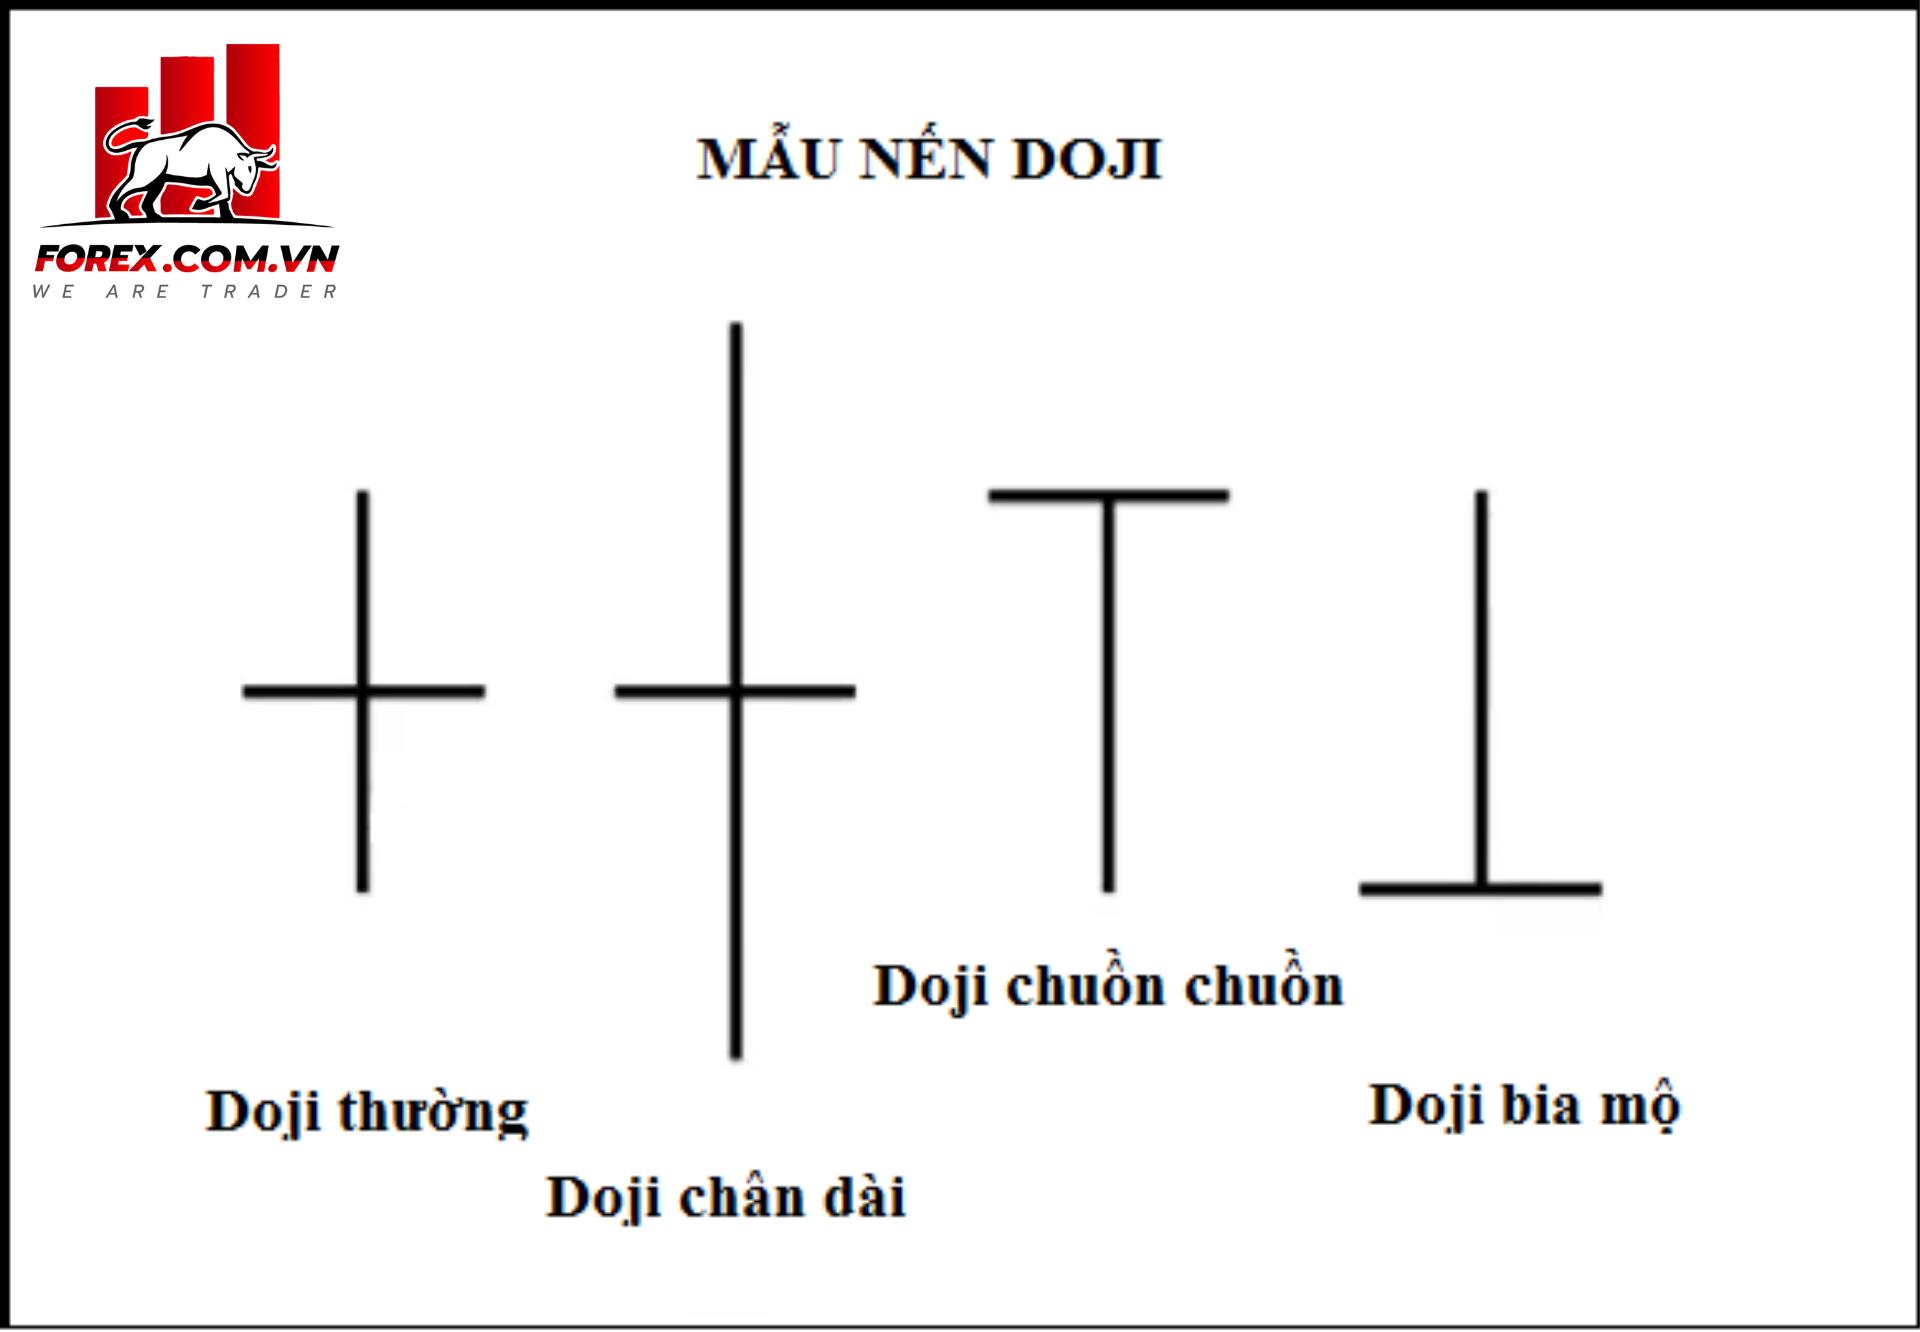 Nhận dạng 5 mẫu hình nến Doji thường gặp nhất trong phân tích kỹ thuật